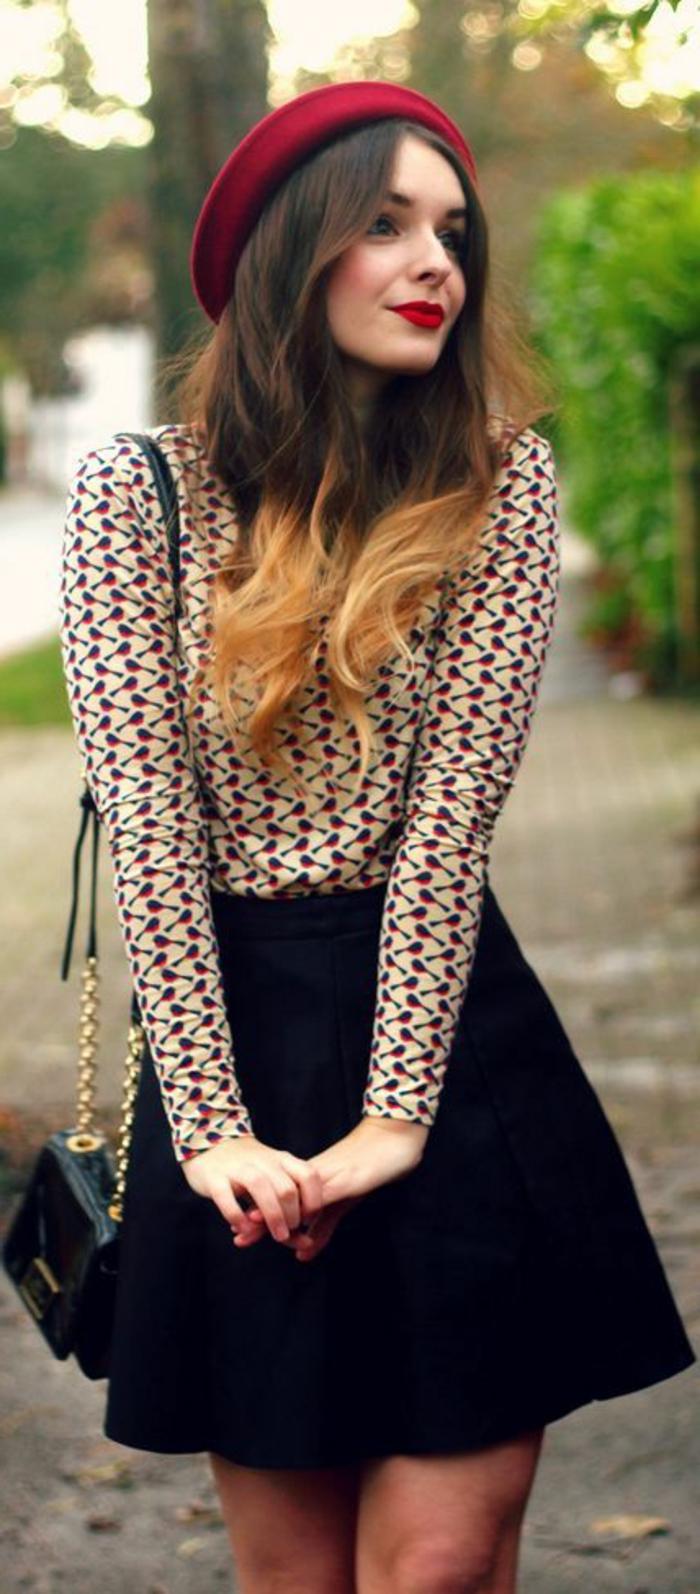 béret-rouge-cheveux-longs-chemise-colorés-ombre-levres-rouges